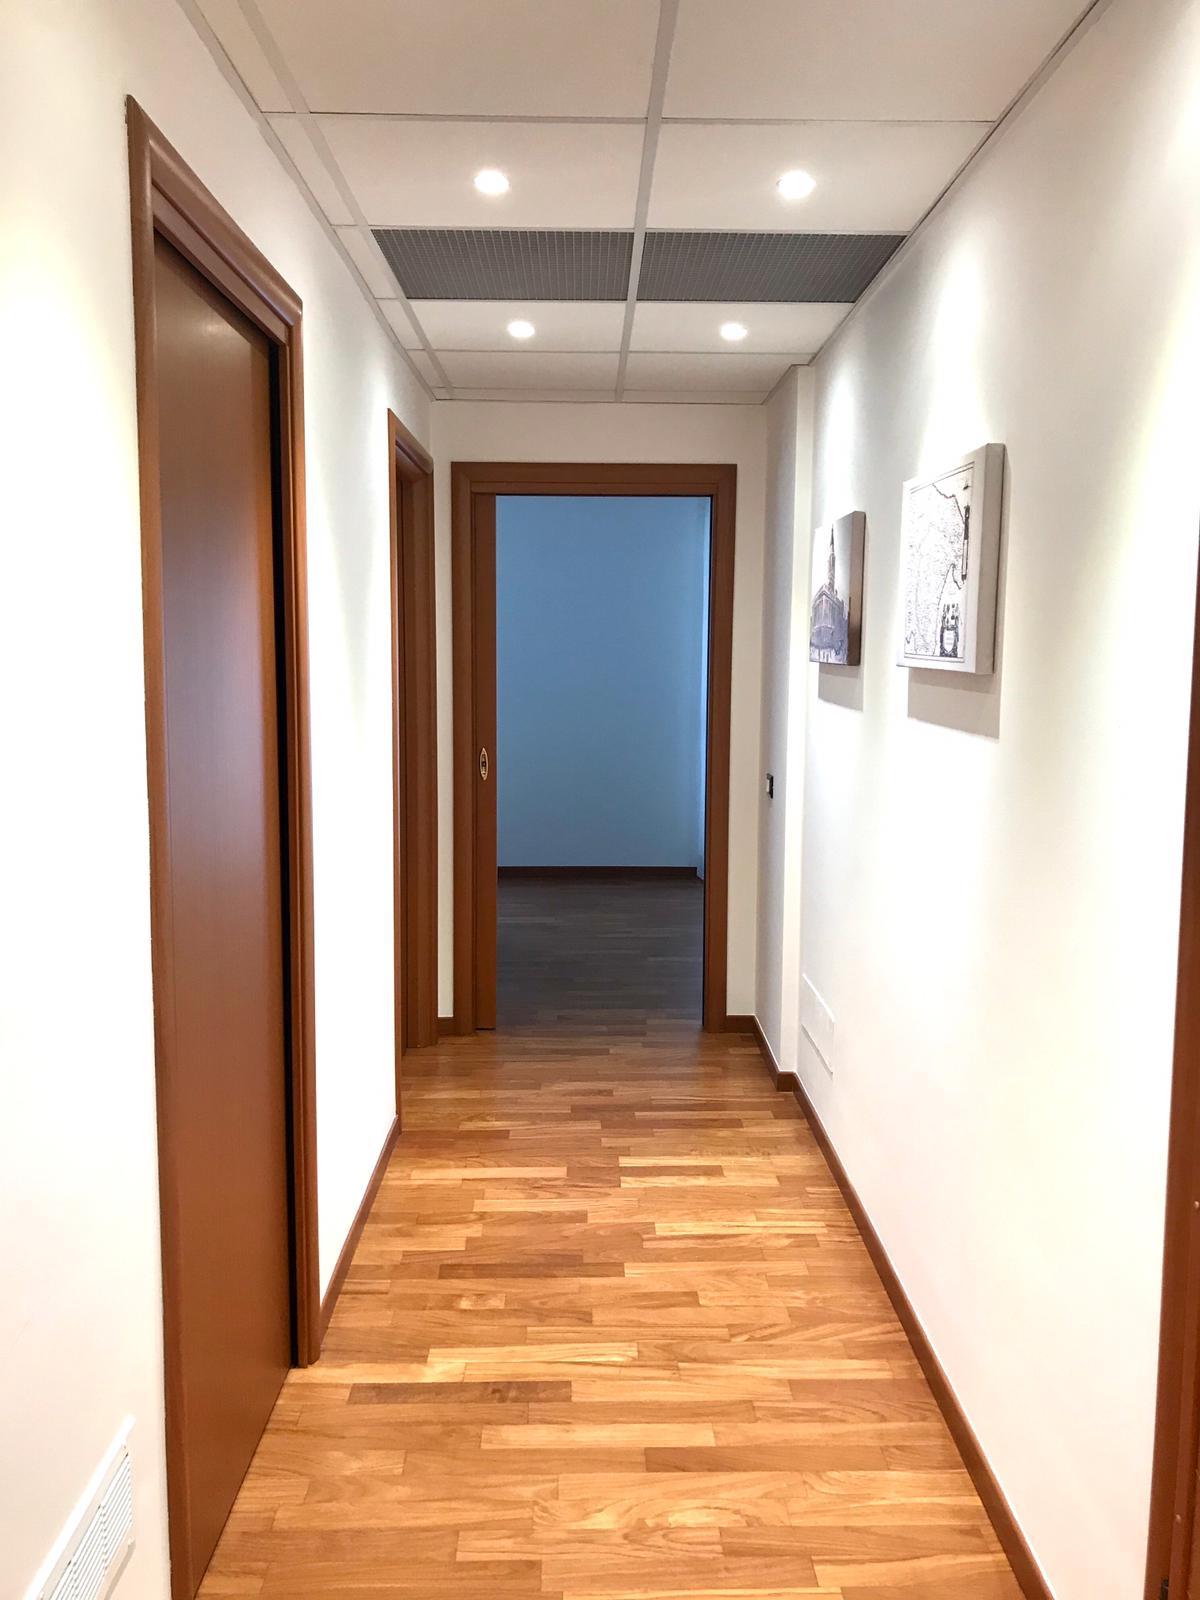 Studio Professionale De Giosa 101, Via Nicola de Giosa 101, Bari, Puglia, ITALIA